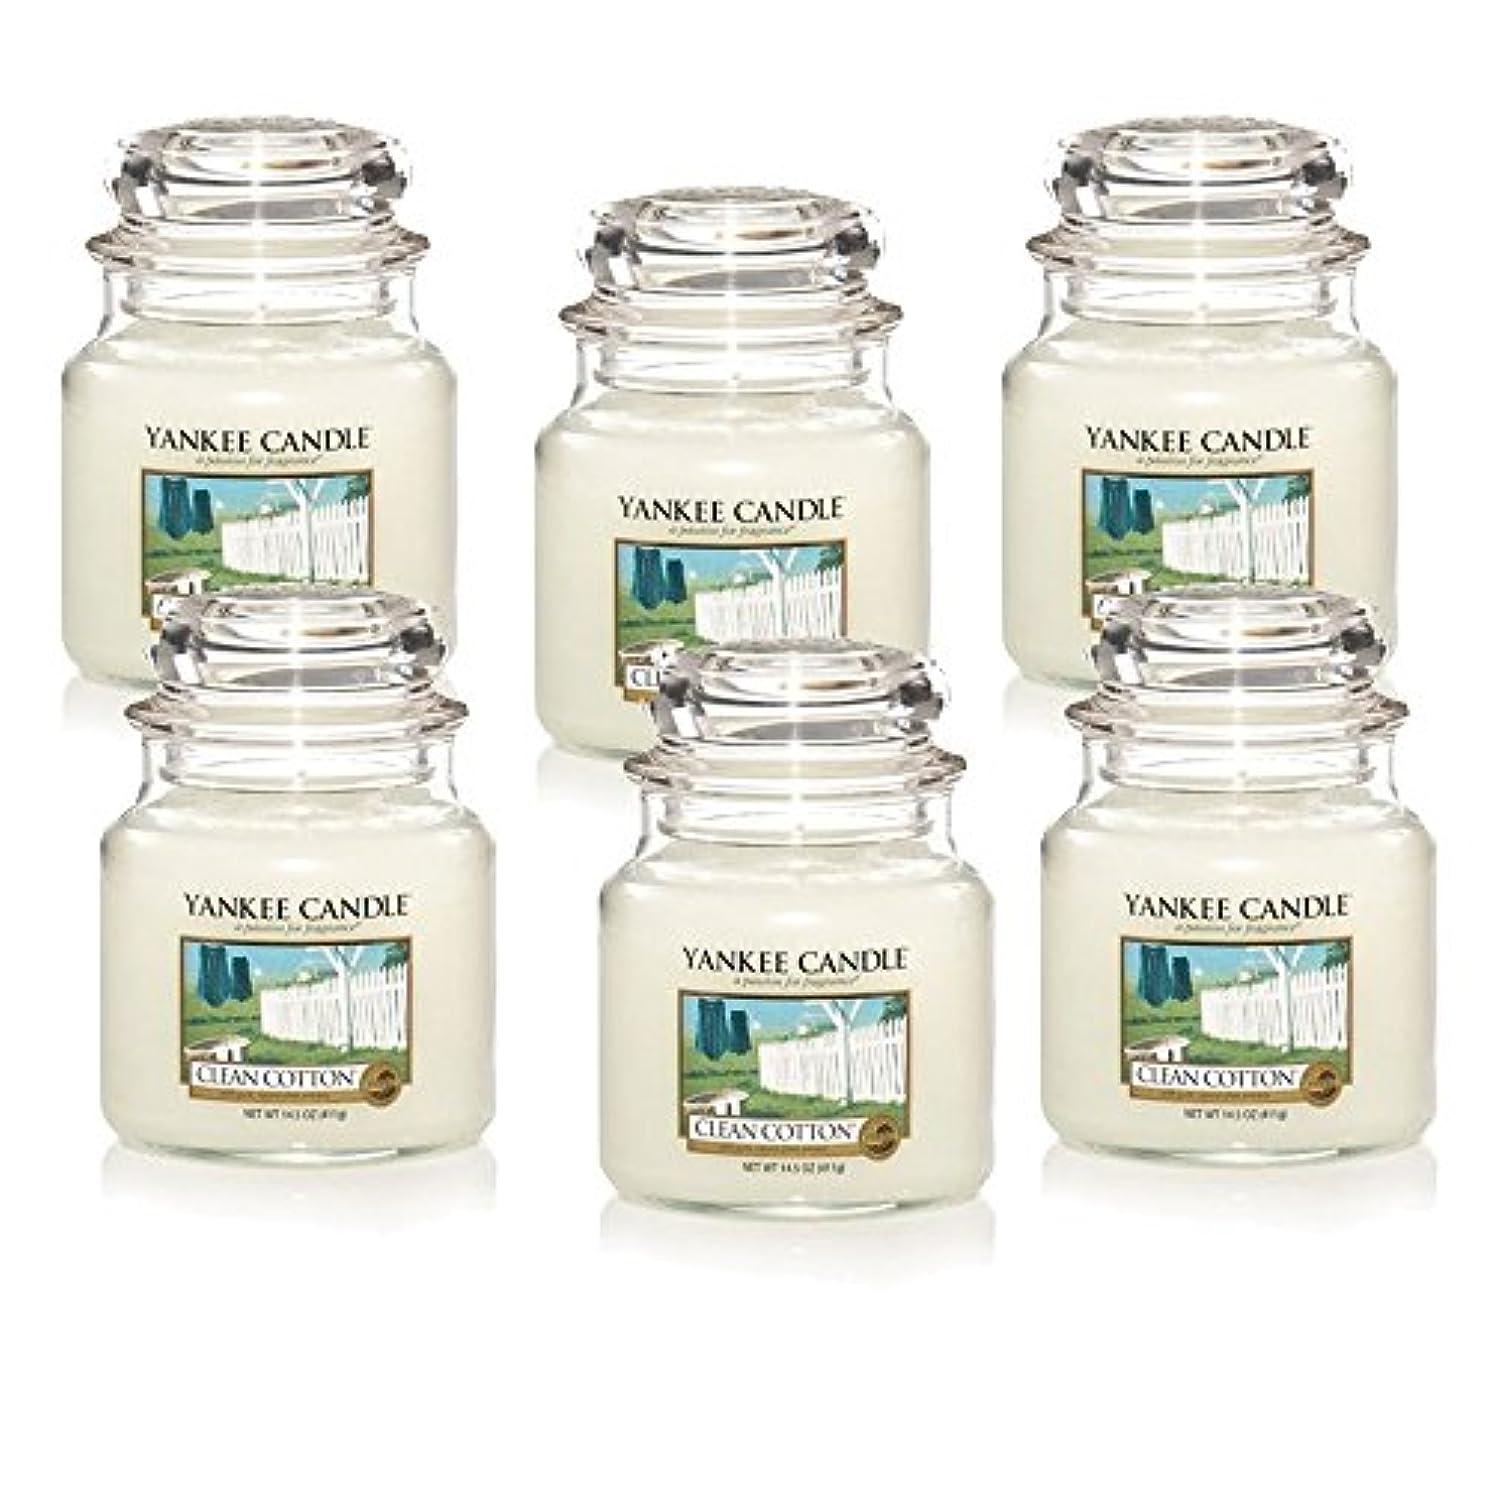 ブランク安定しましたつまらないYankee Candle Company Clean Cotton 14.5-Ounce Jar Candle, Medium, Set of 6 [並行輸入品]